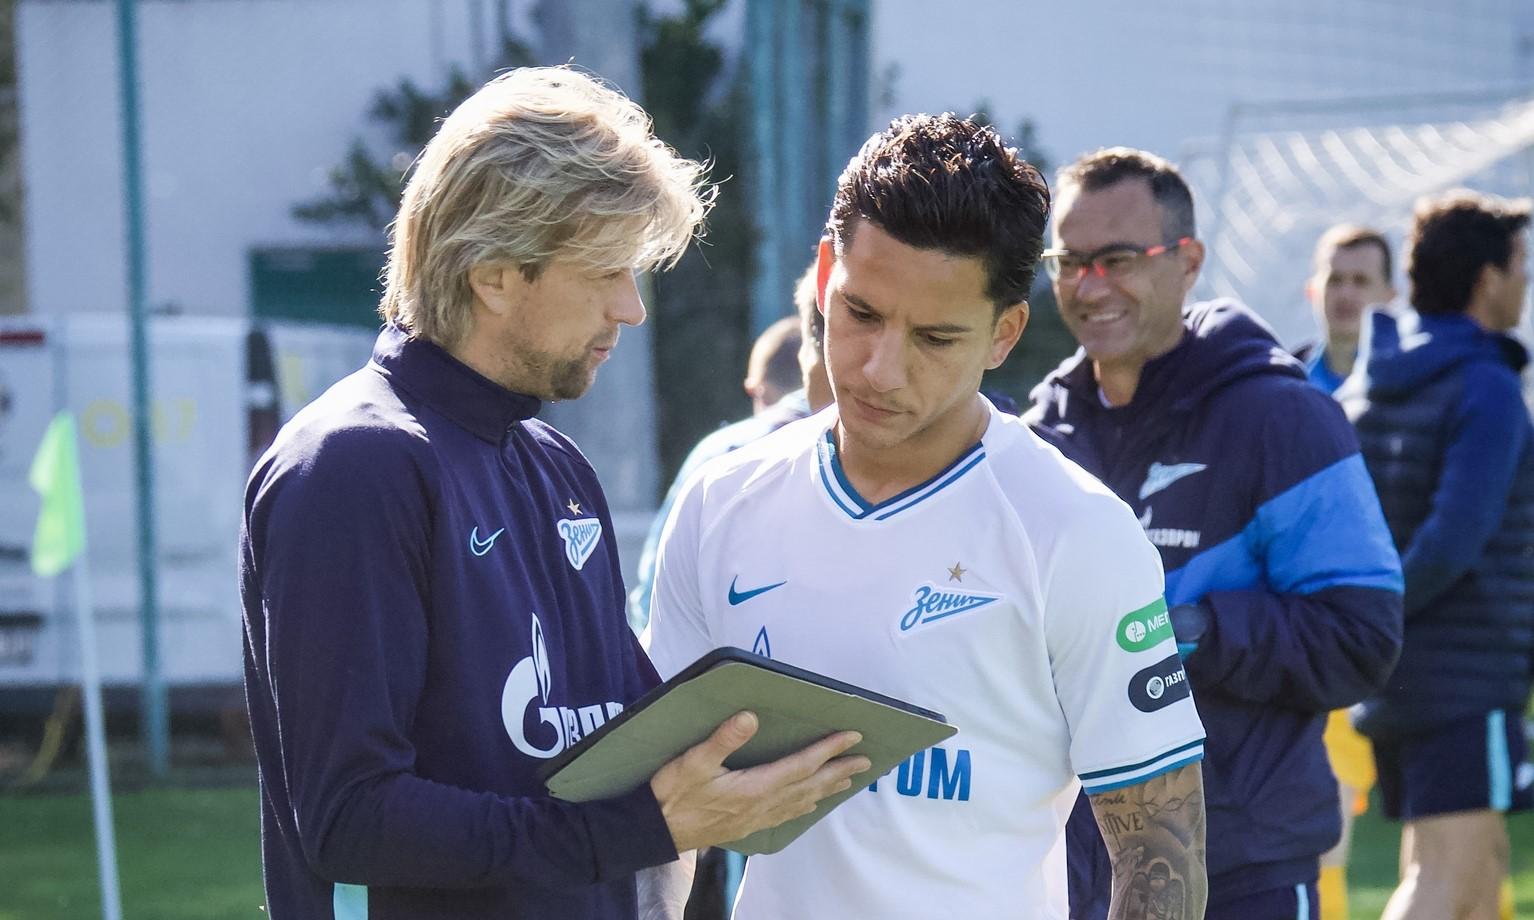 Дриусси забил классный гол со штрафного. Как же жаль, что аргентинец будет запасным из-за лимита! - фото